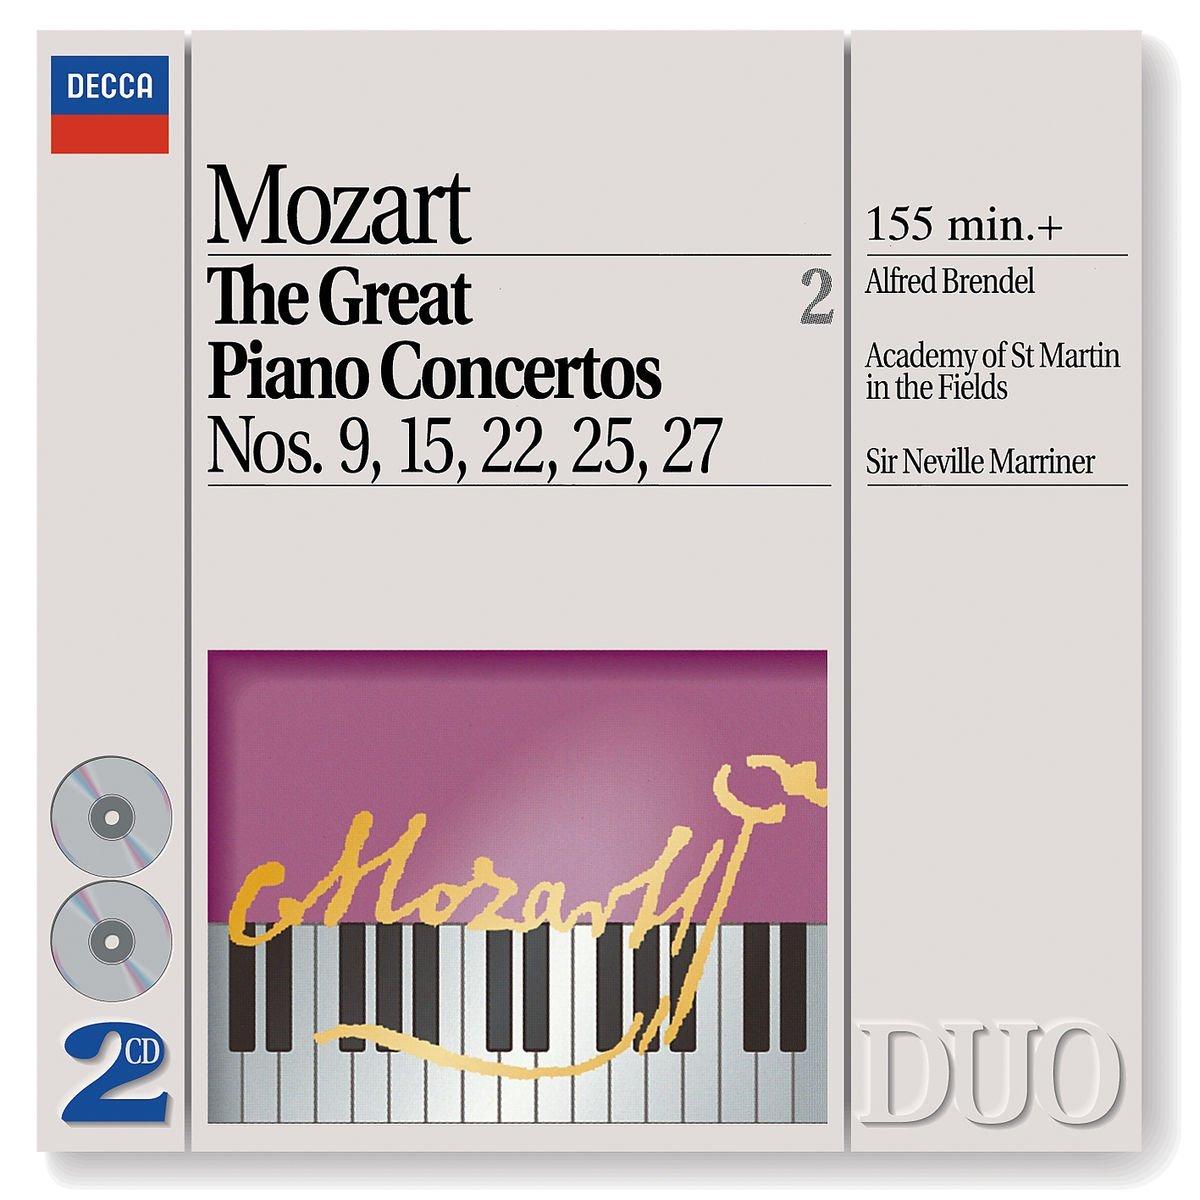 THE GREAT PIANO CONCERTOS NOS 9 15 22 25 27